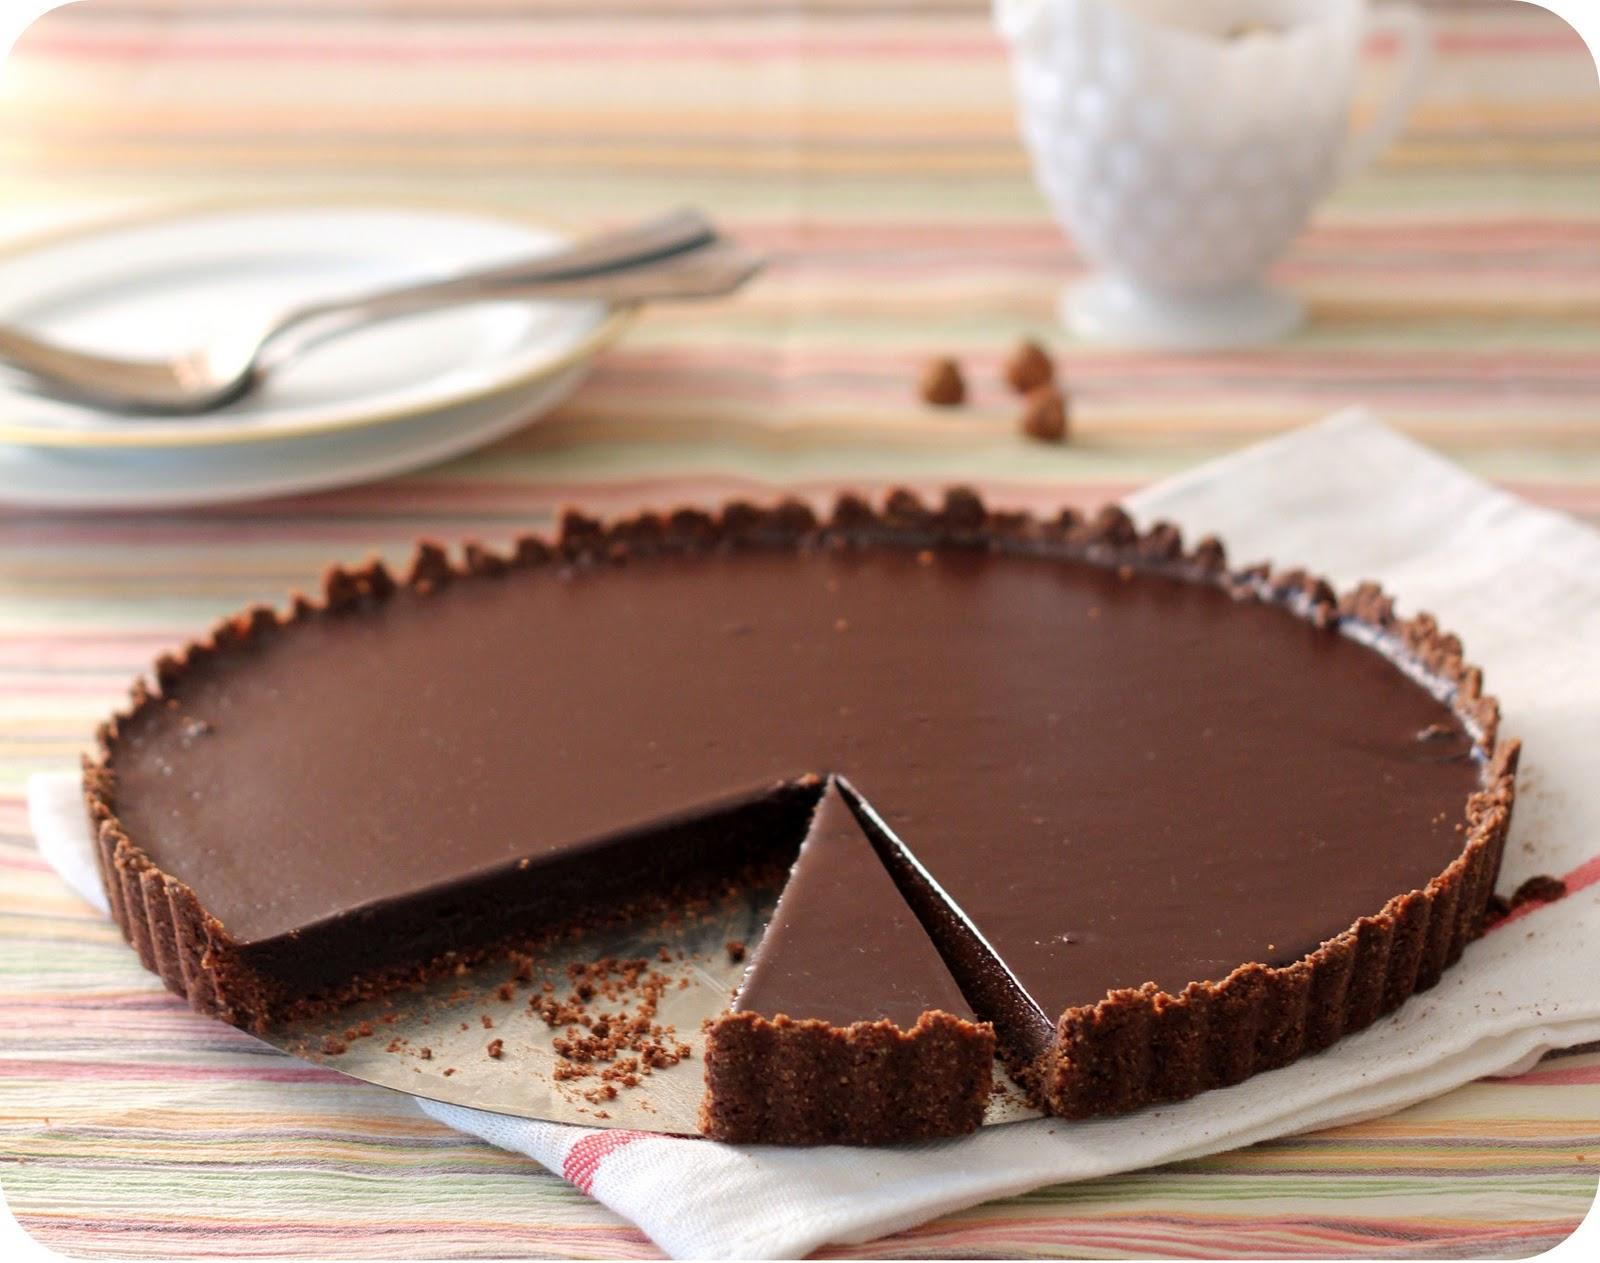 صوره طريقة عمل كيكة الشوكولاته منال العالم , وصفة كيك شوكولاتة خفيف